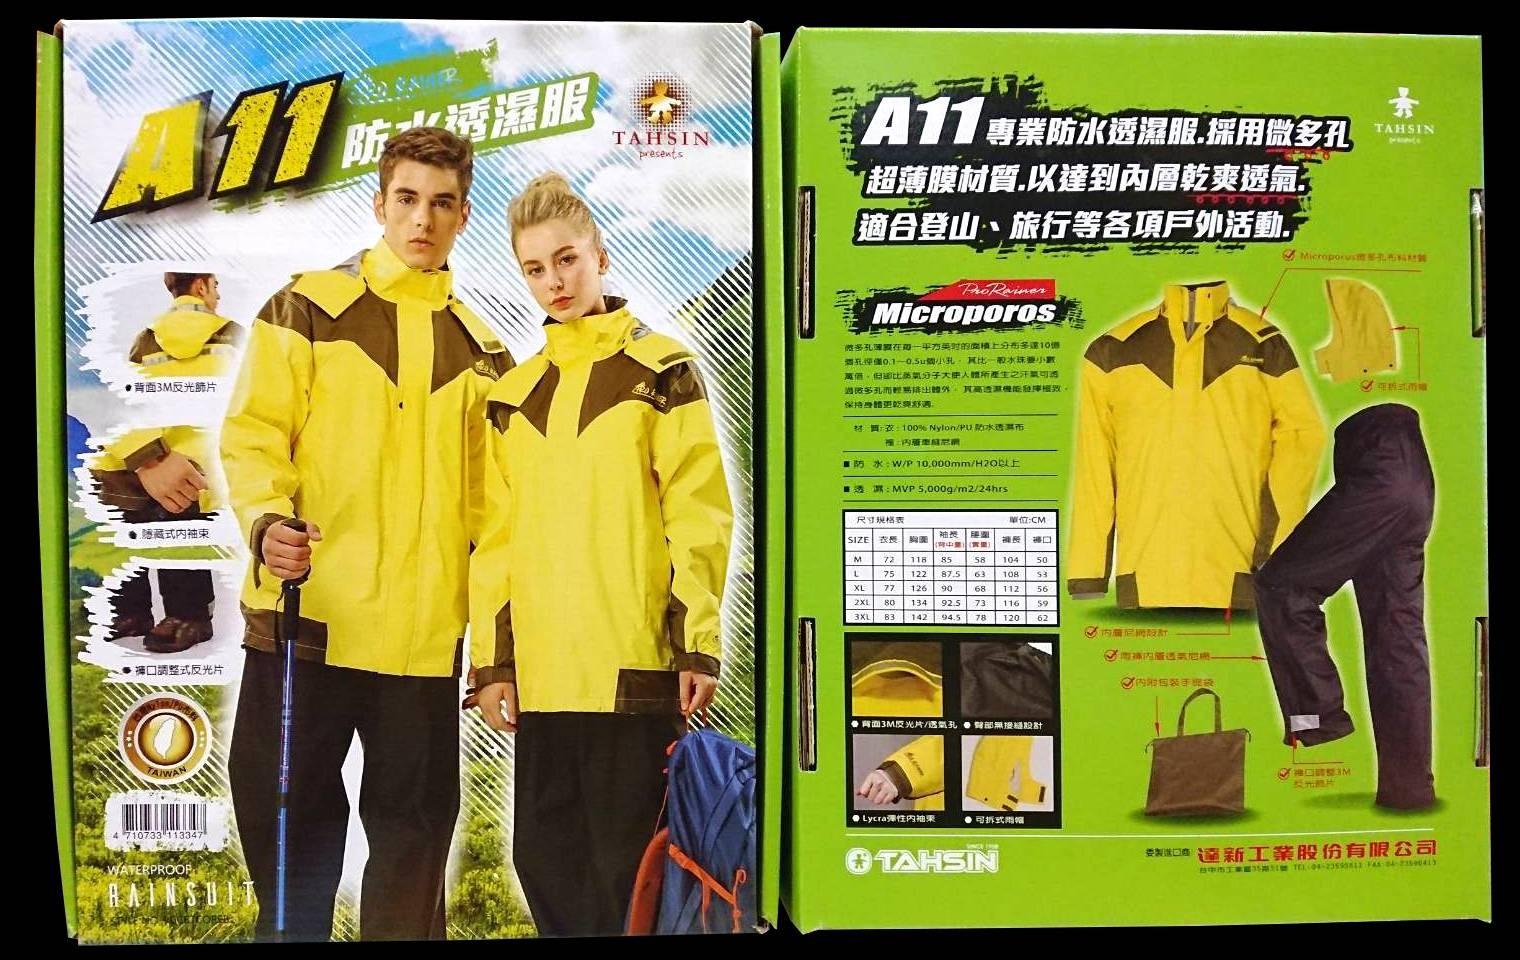 【達新牌】彩仕型雨衣A11檸檬黃/橄欖綠(褲子-黑色)